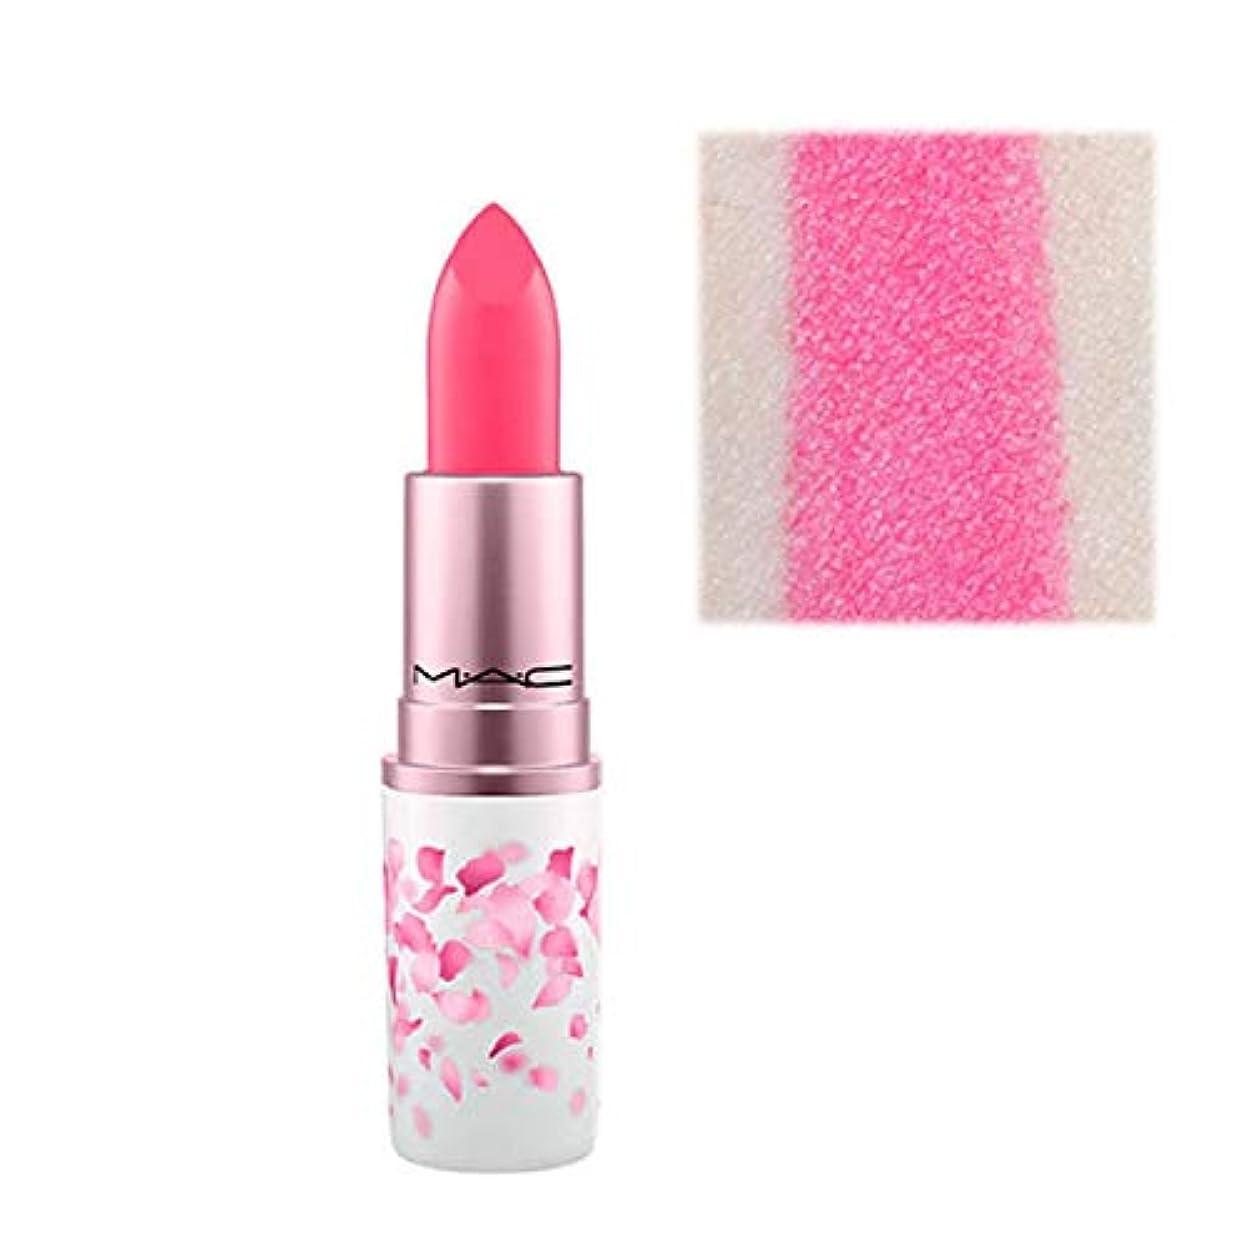 宣伝散文ランプM.A.C ?マック, 限定版, 2019 Spring, Lipstick/Boom, Boom, Bloom - Tsk Tsk [海外直送品] [並行輸入品]